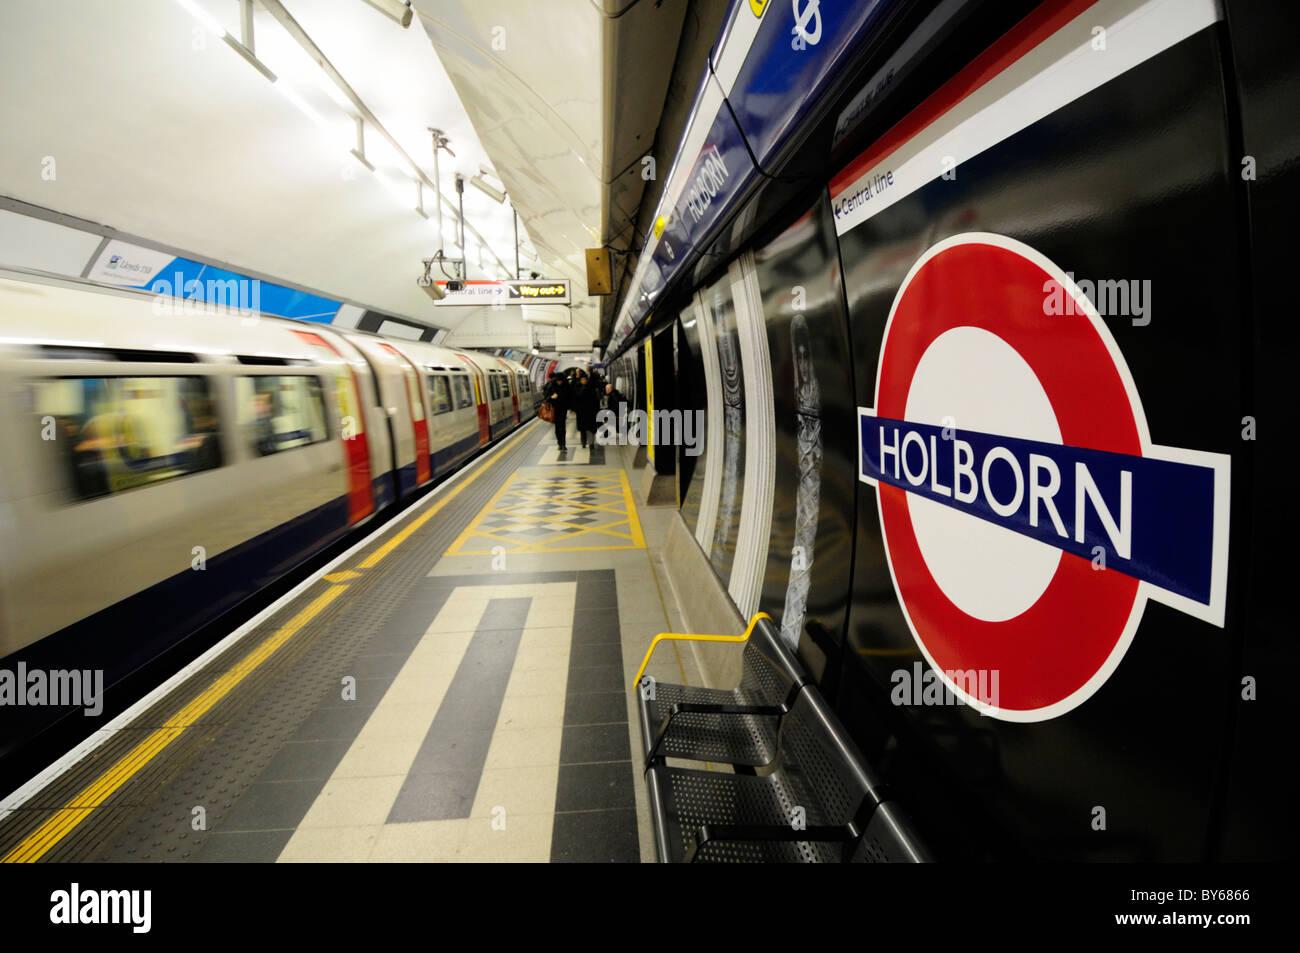 Holborn Underground Tube Station Piccadilly Line Platform, London, England, UK - Stock Image